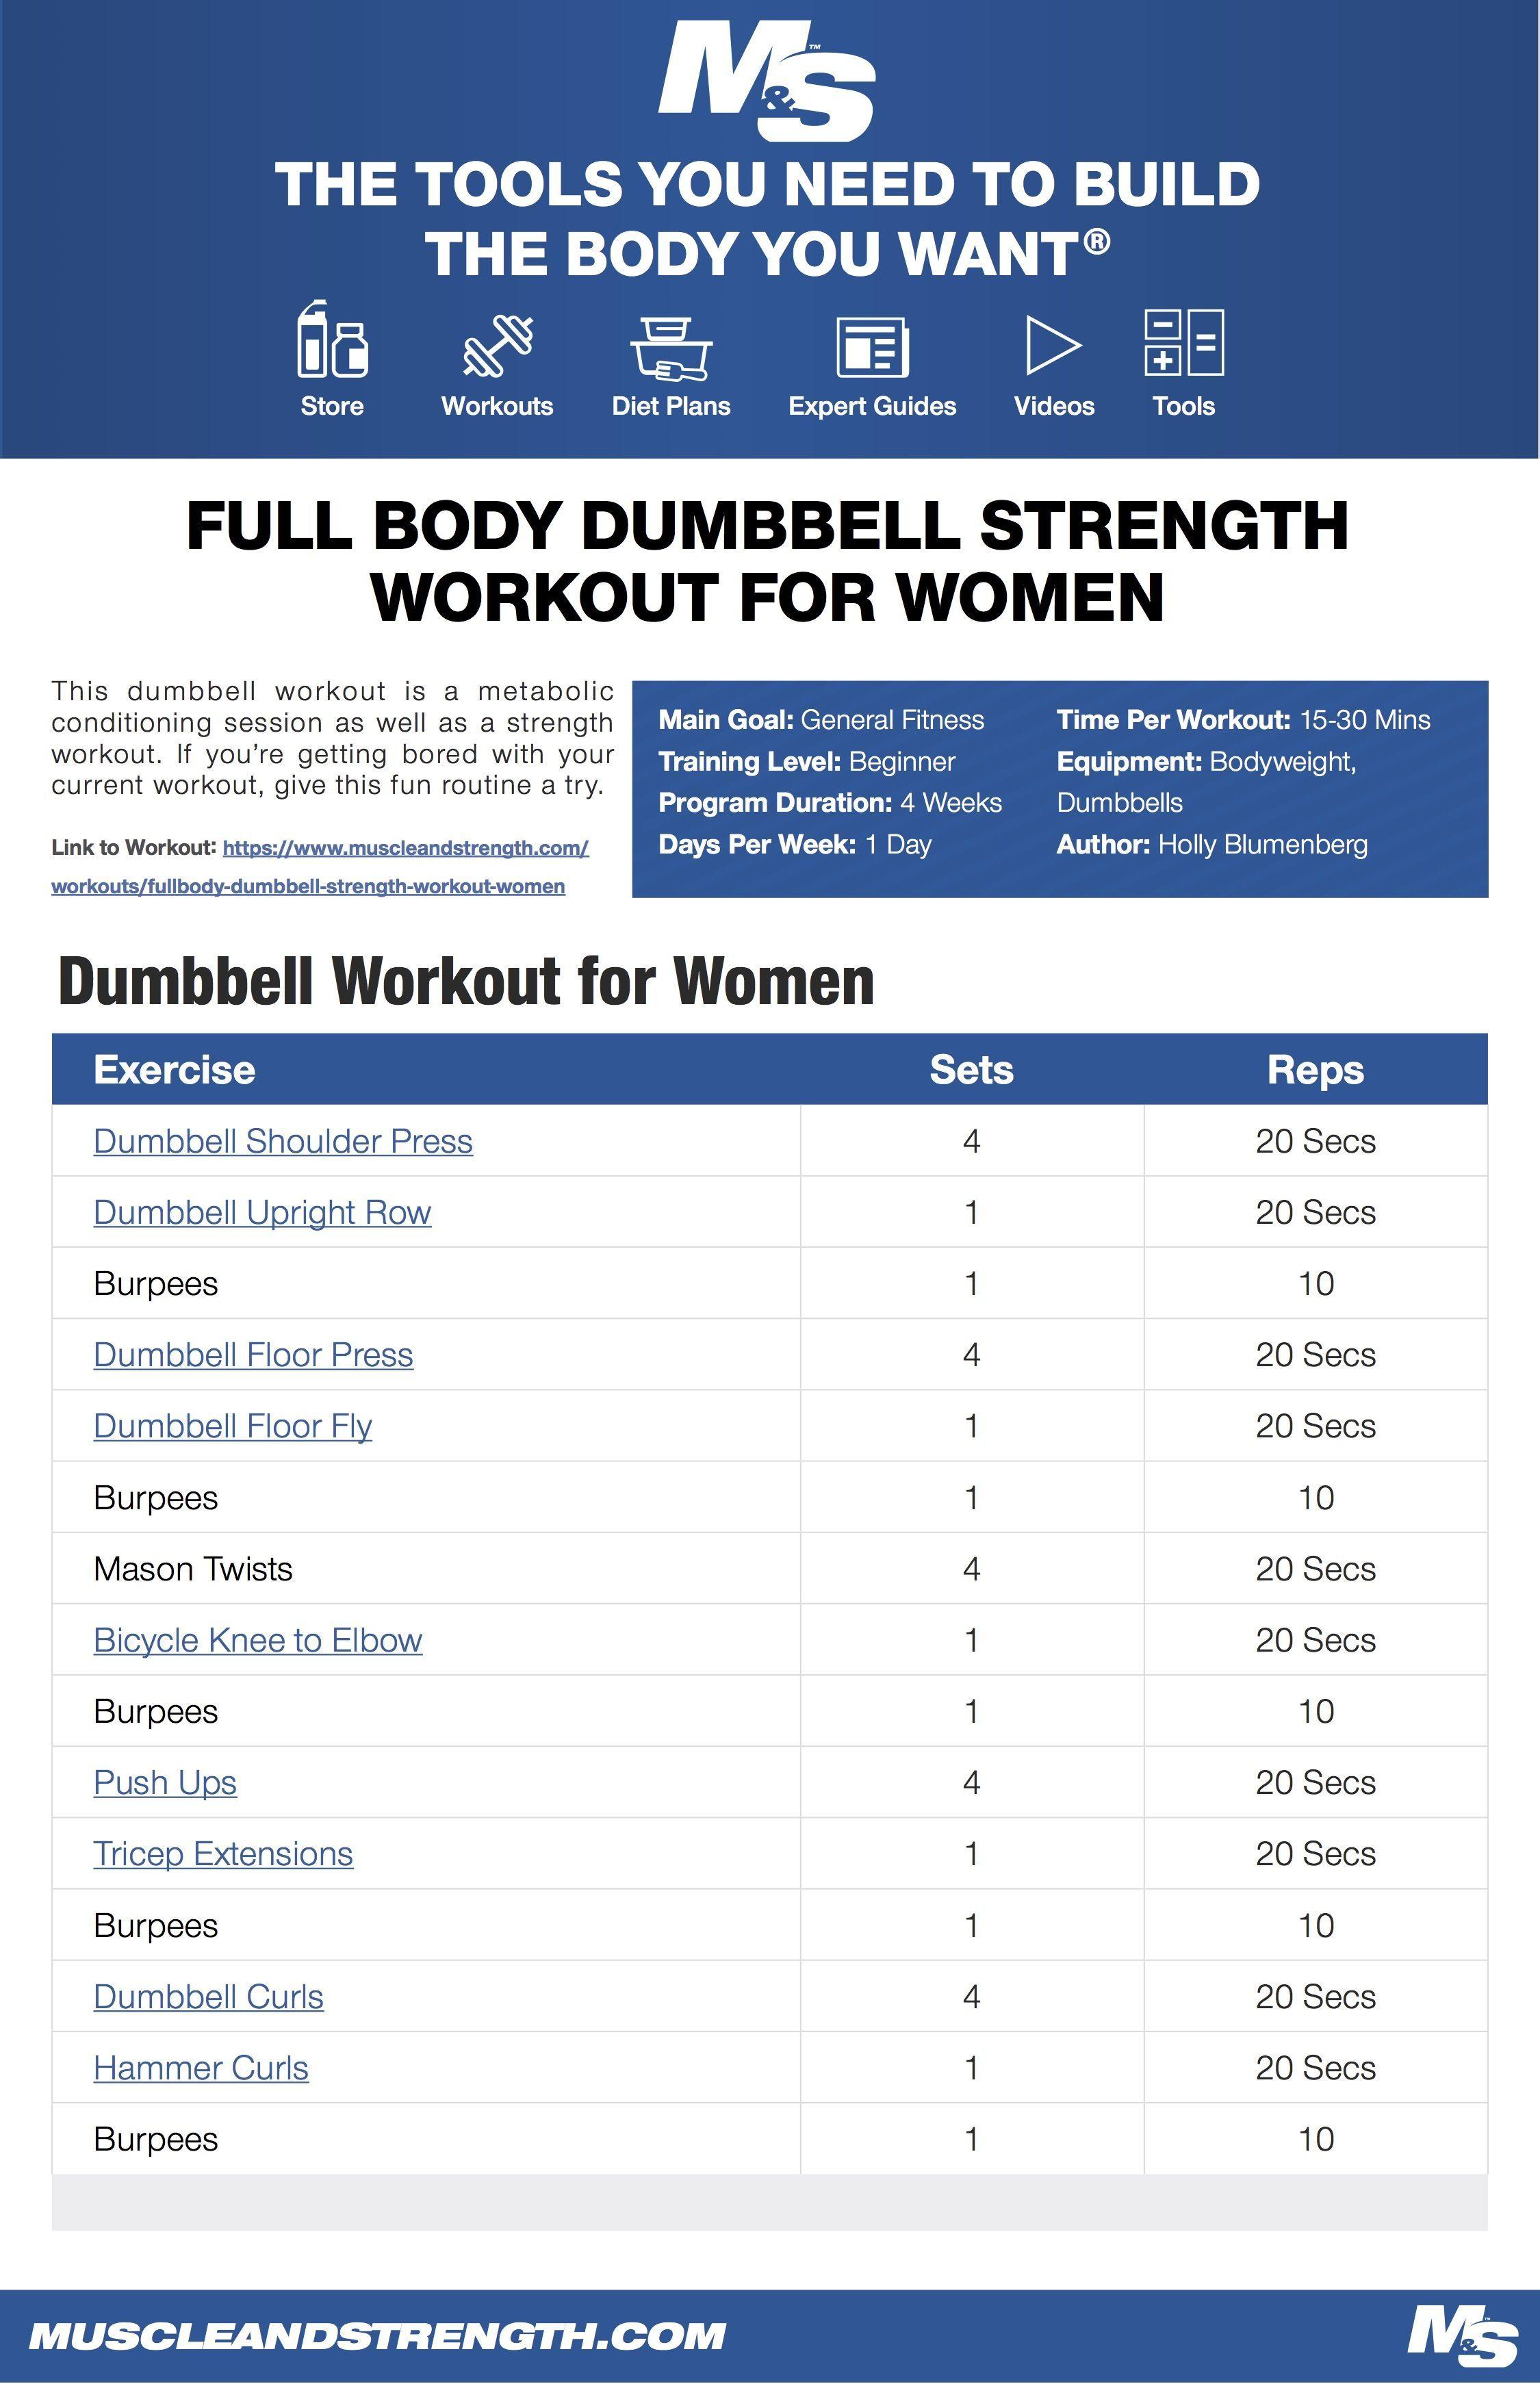 Full Body Dumbbell Strength Workout For Women Strength Workout Metabolic Conditioning Workout Metabolic Conditioning